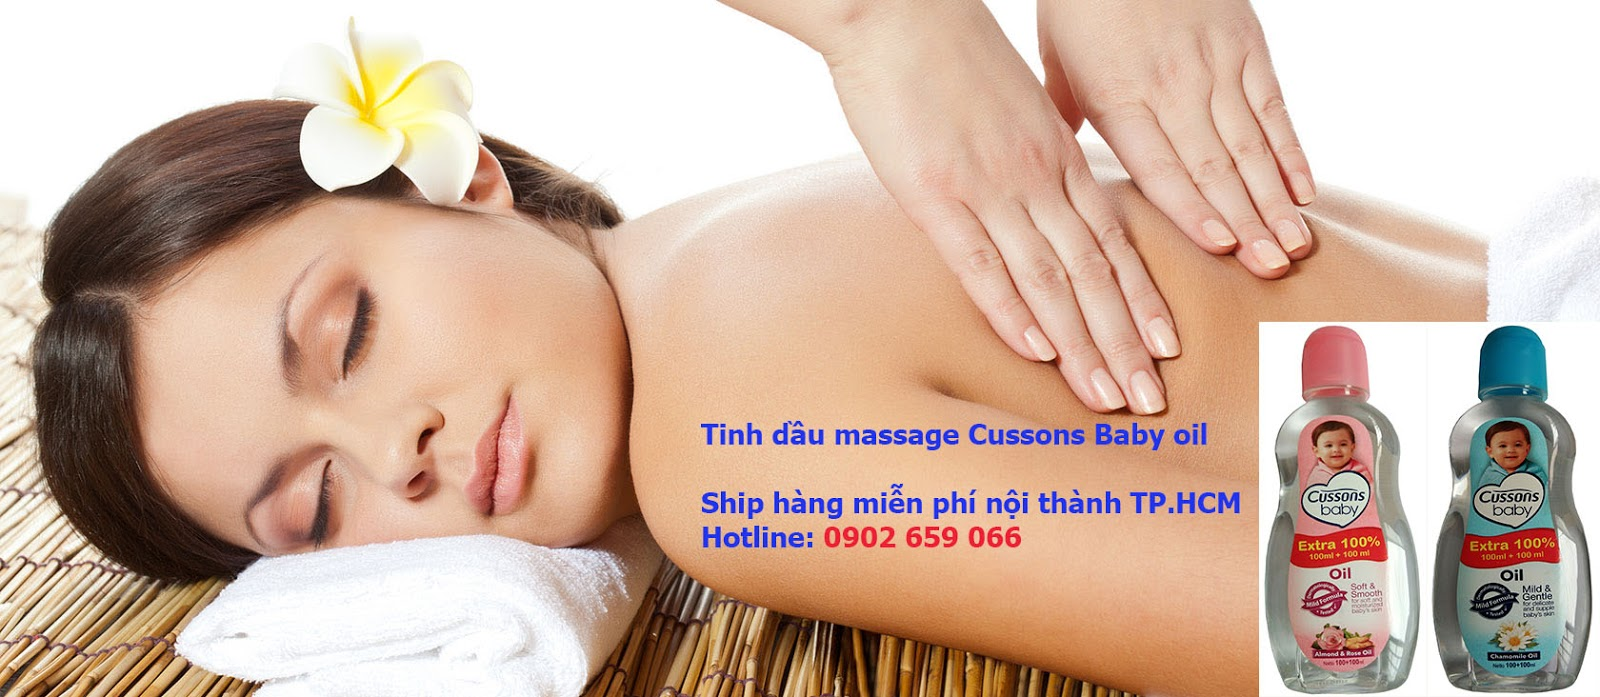 Mt S Cng Dng Ca Cussons Baby Oil Tinh Du Massage Soft And Smooth 100 100ml Ch L C Th Vi 1 Ln Khng Hiu Qu Nh Mong Mun Nn Bn Chia Ra Thc Hin Nhiu Cao Hn